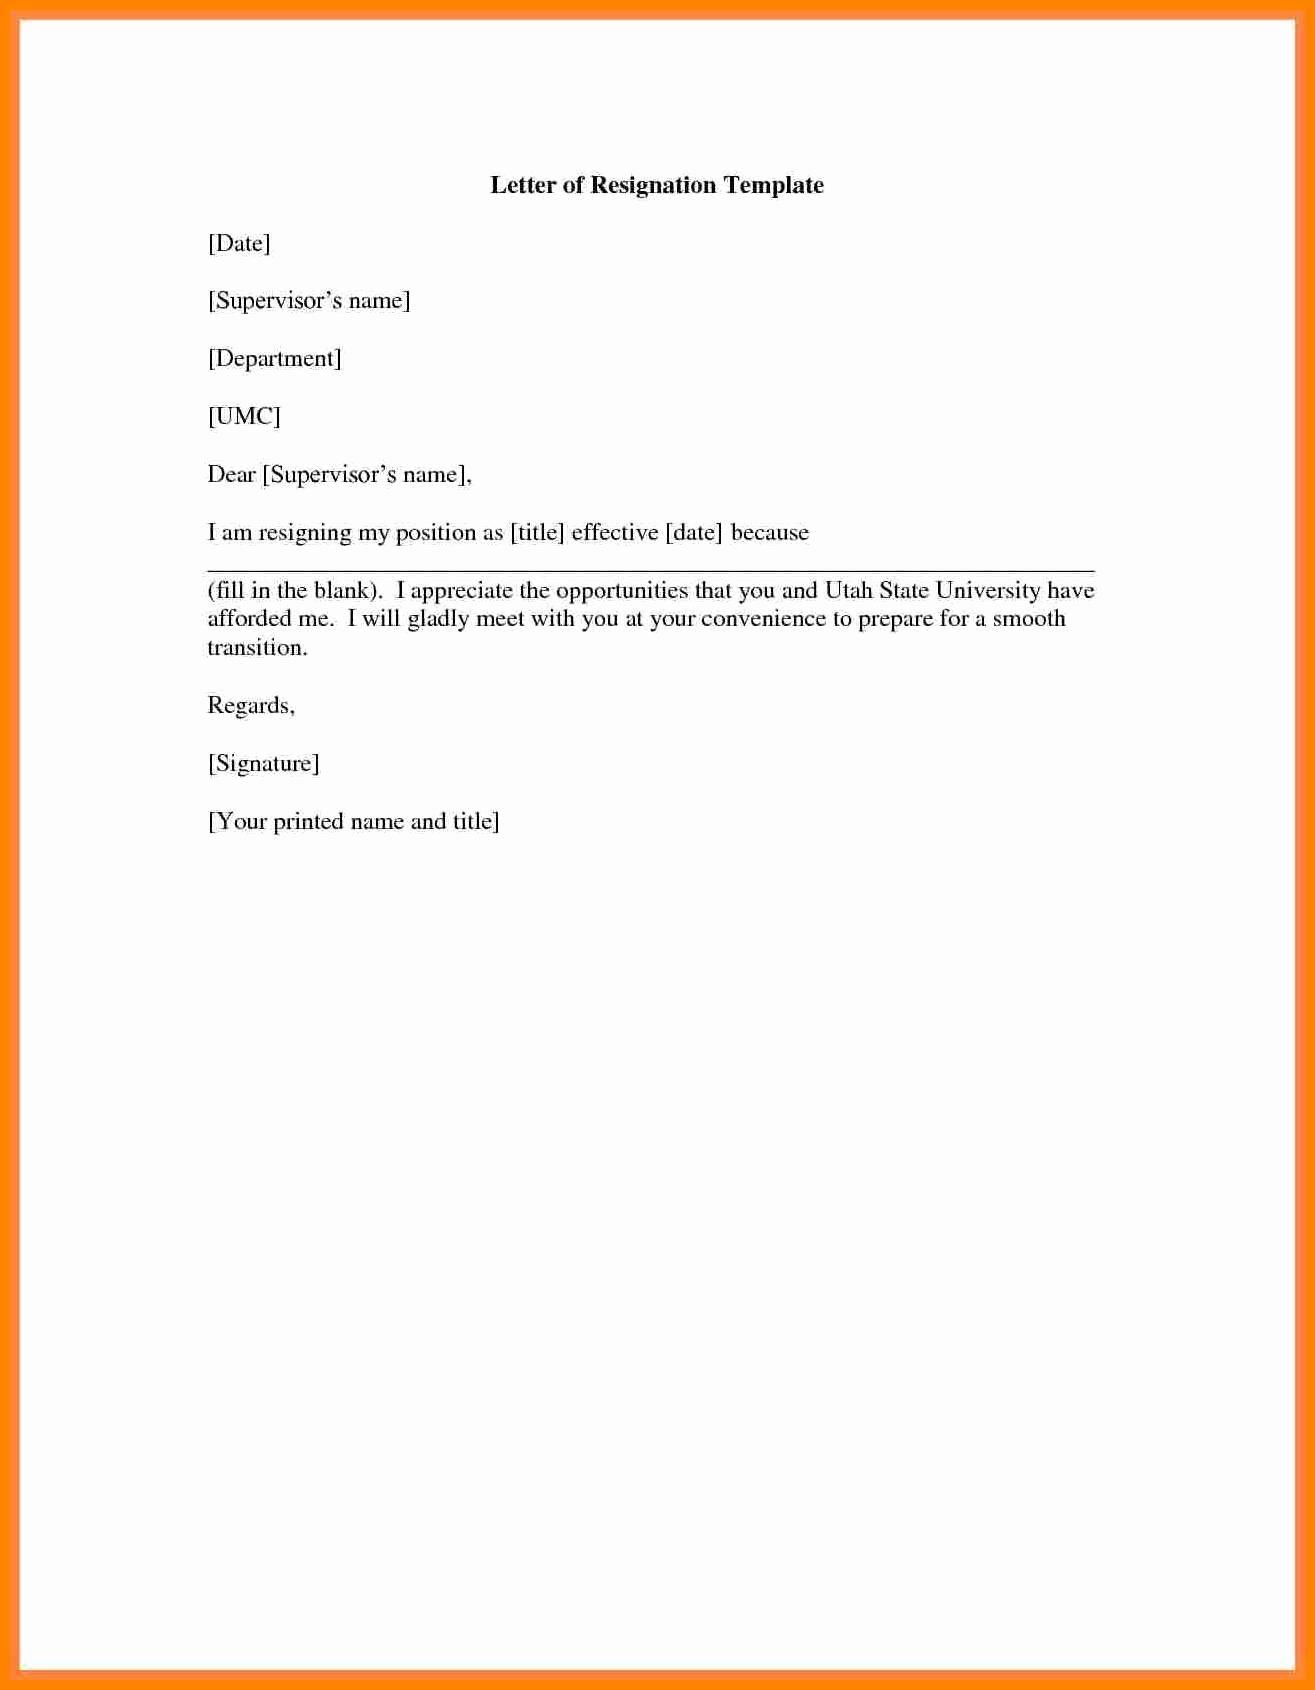 Resignation Letter Effective Immediately Fresh 8 Resignation Letter Effective Immediately